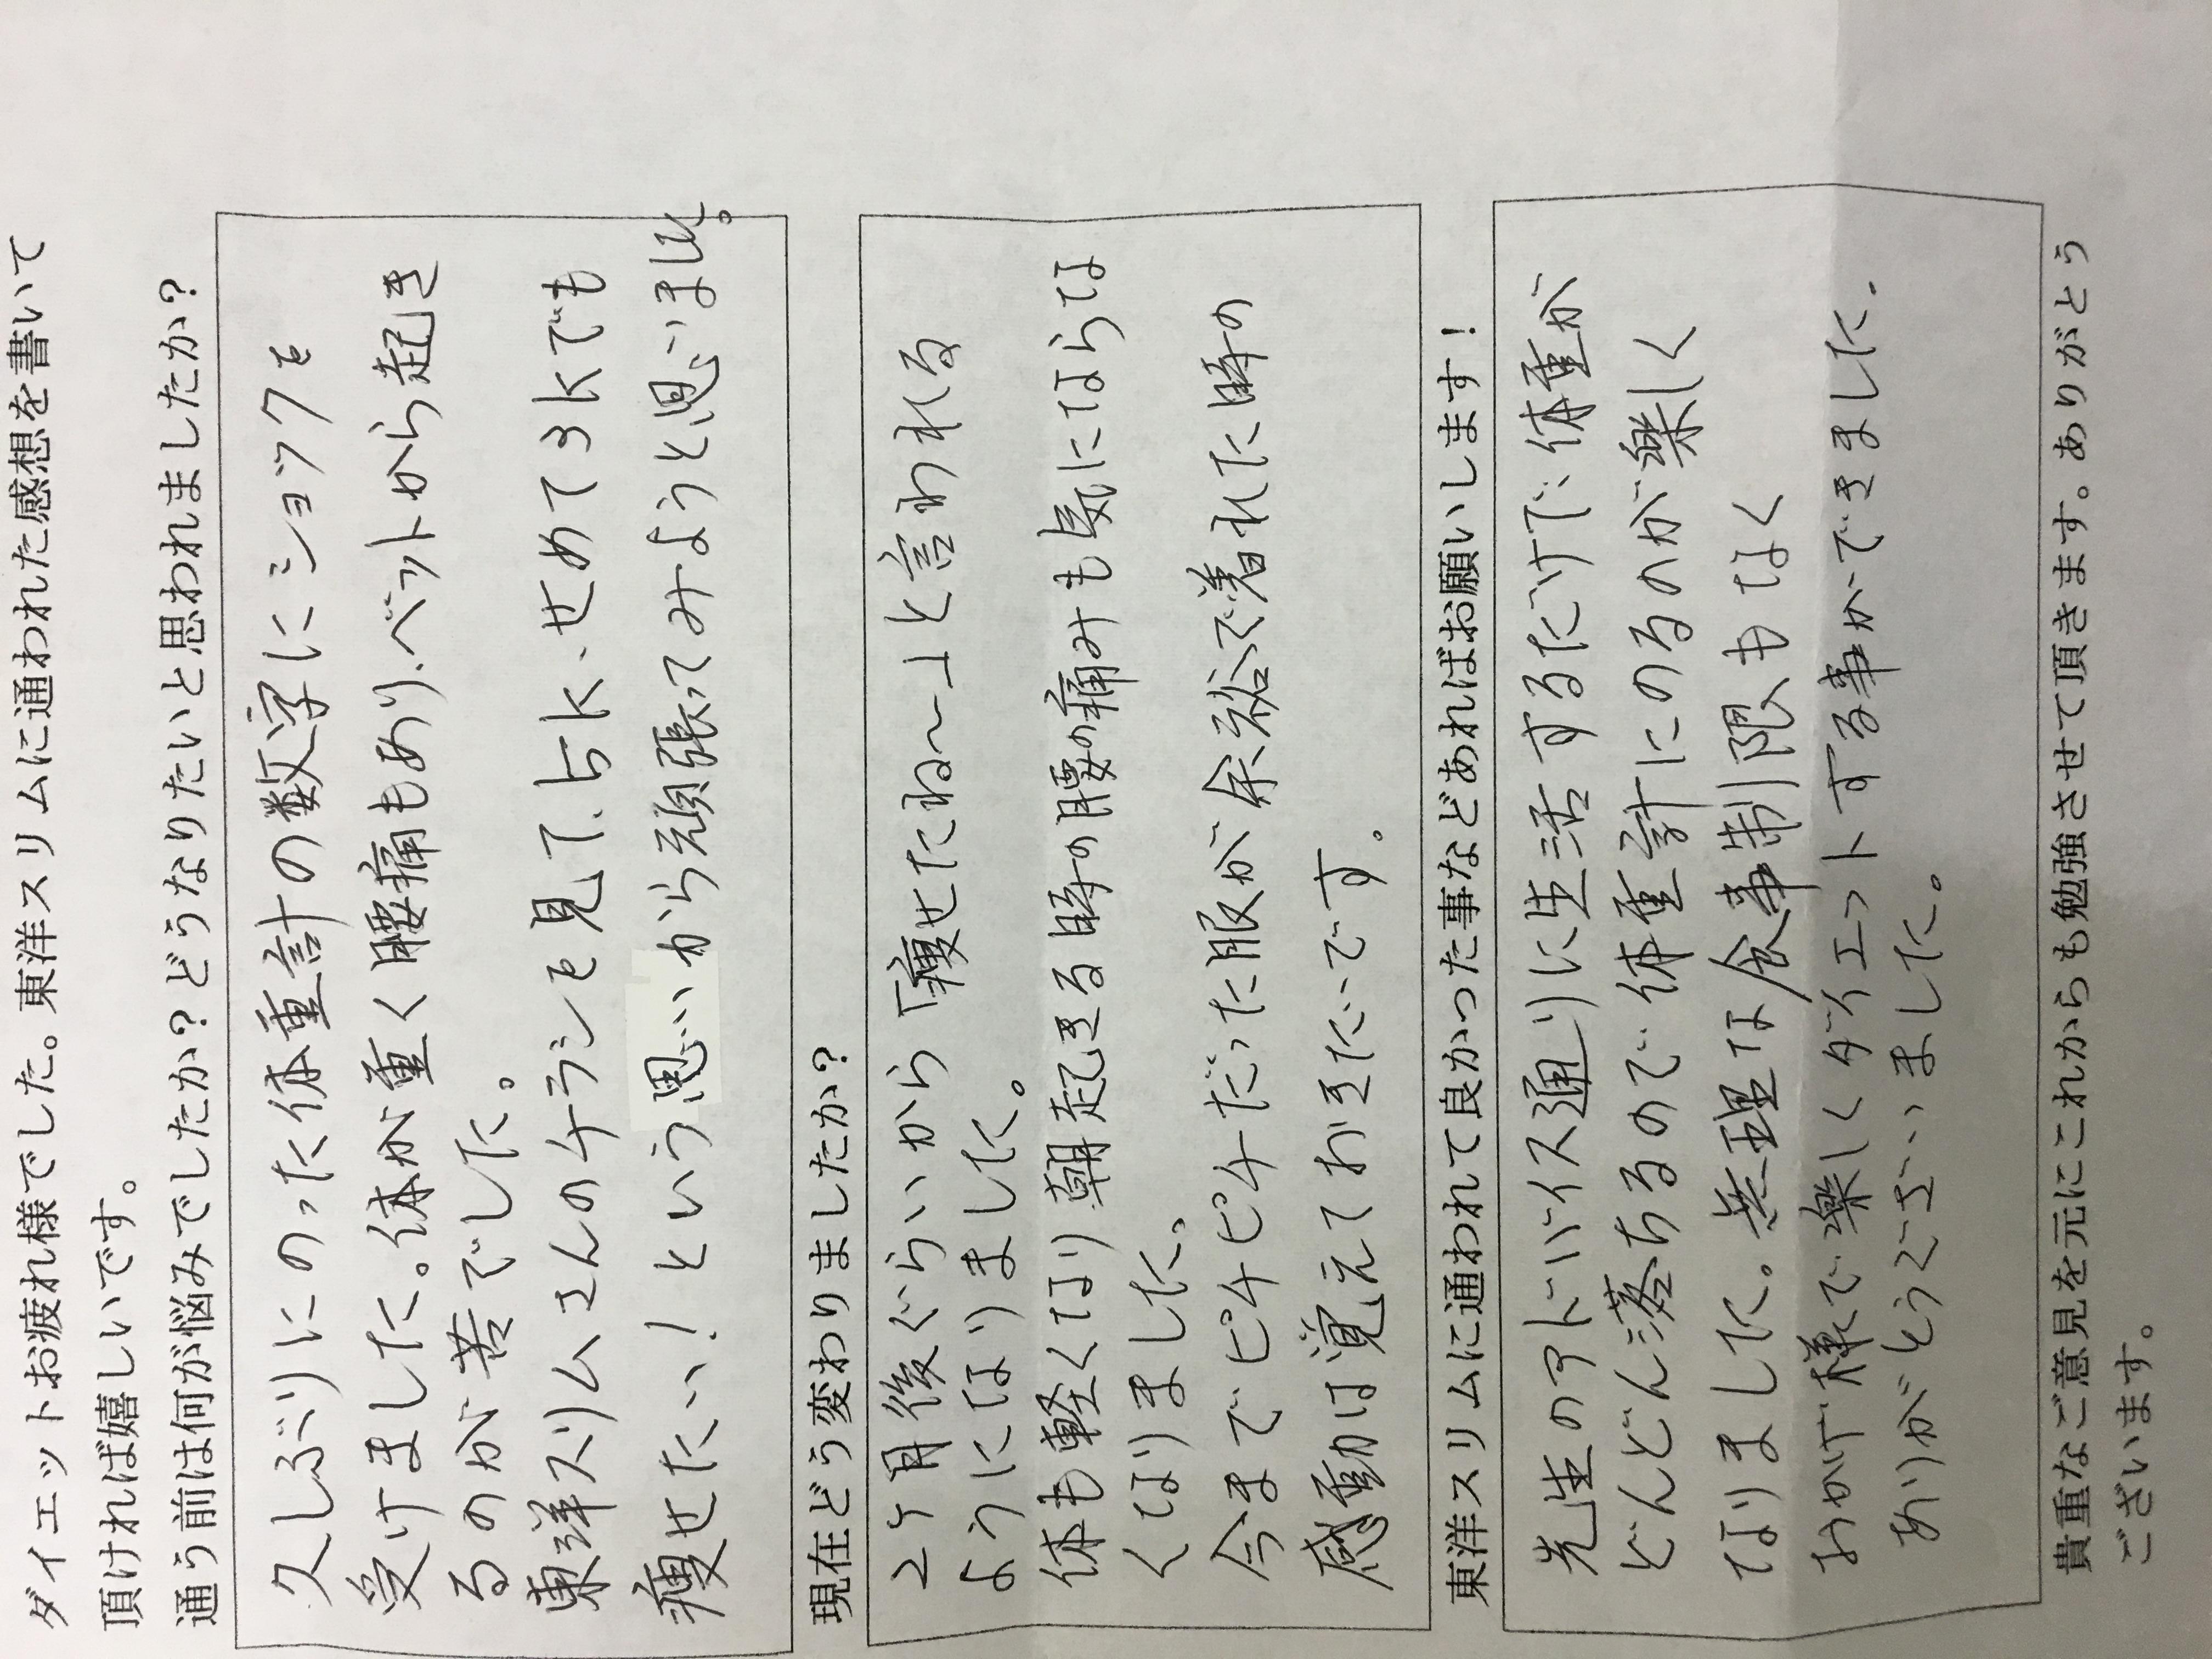 大阪府藤井寺市Kさん55才9kg ダイエット成功 楽しくダイエットする事ができました